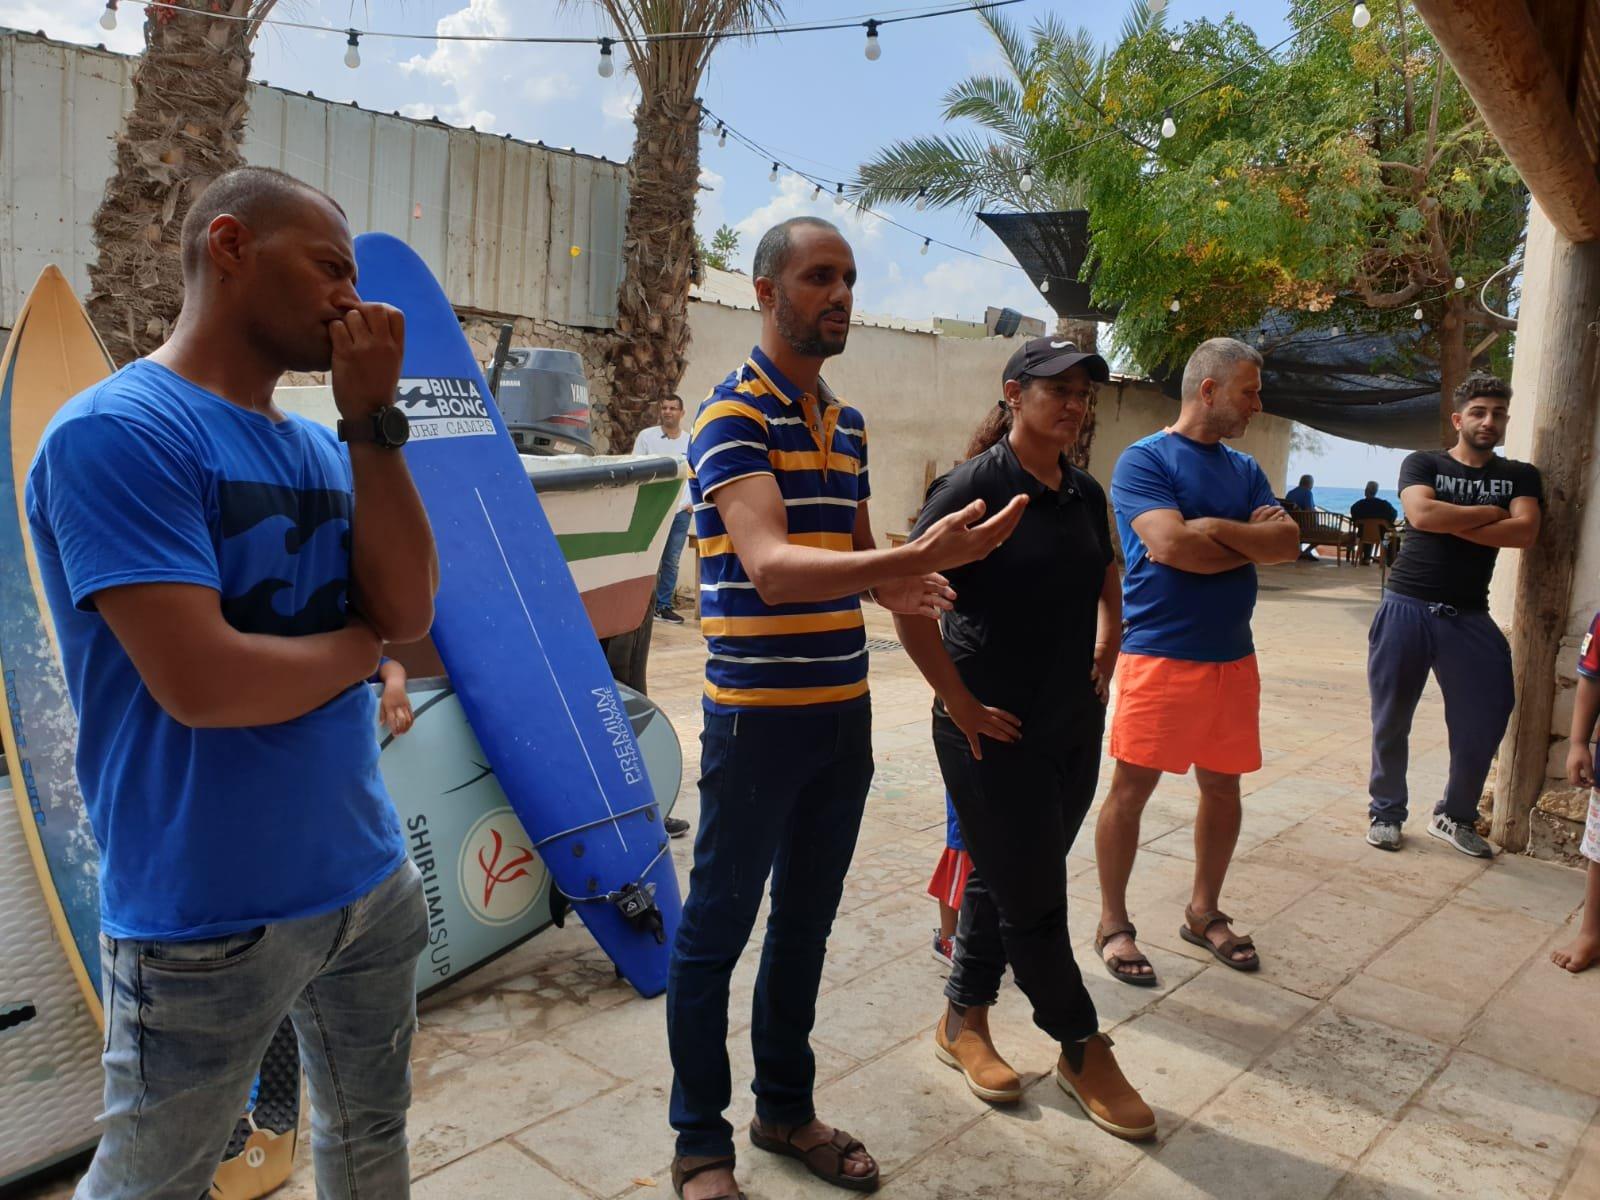 جسر الزرقاء: مدرسة حسكة تخرّج الفوج الخامس من راكبي أمواج الحرية